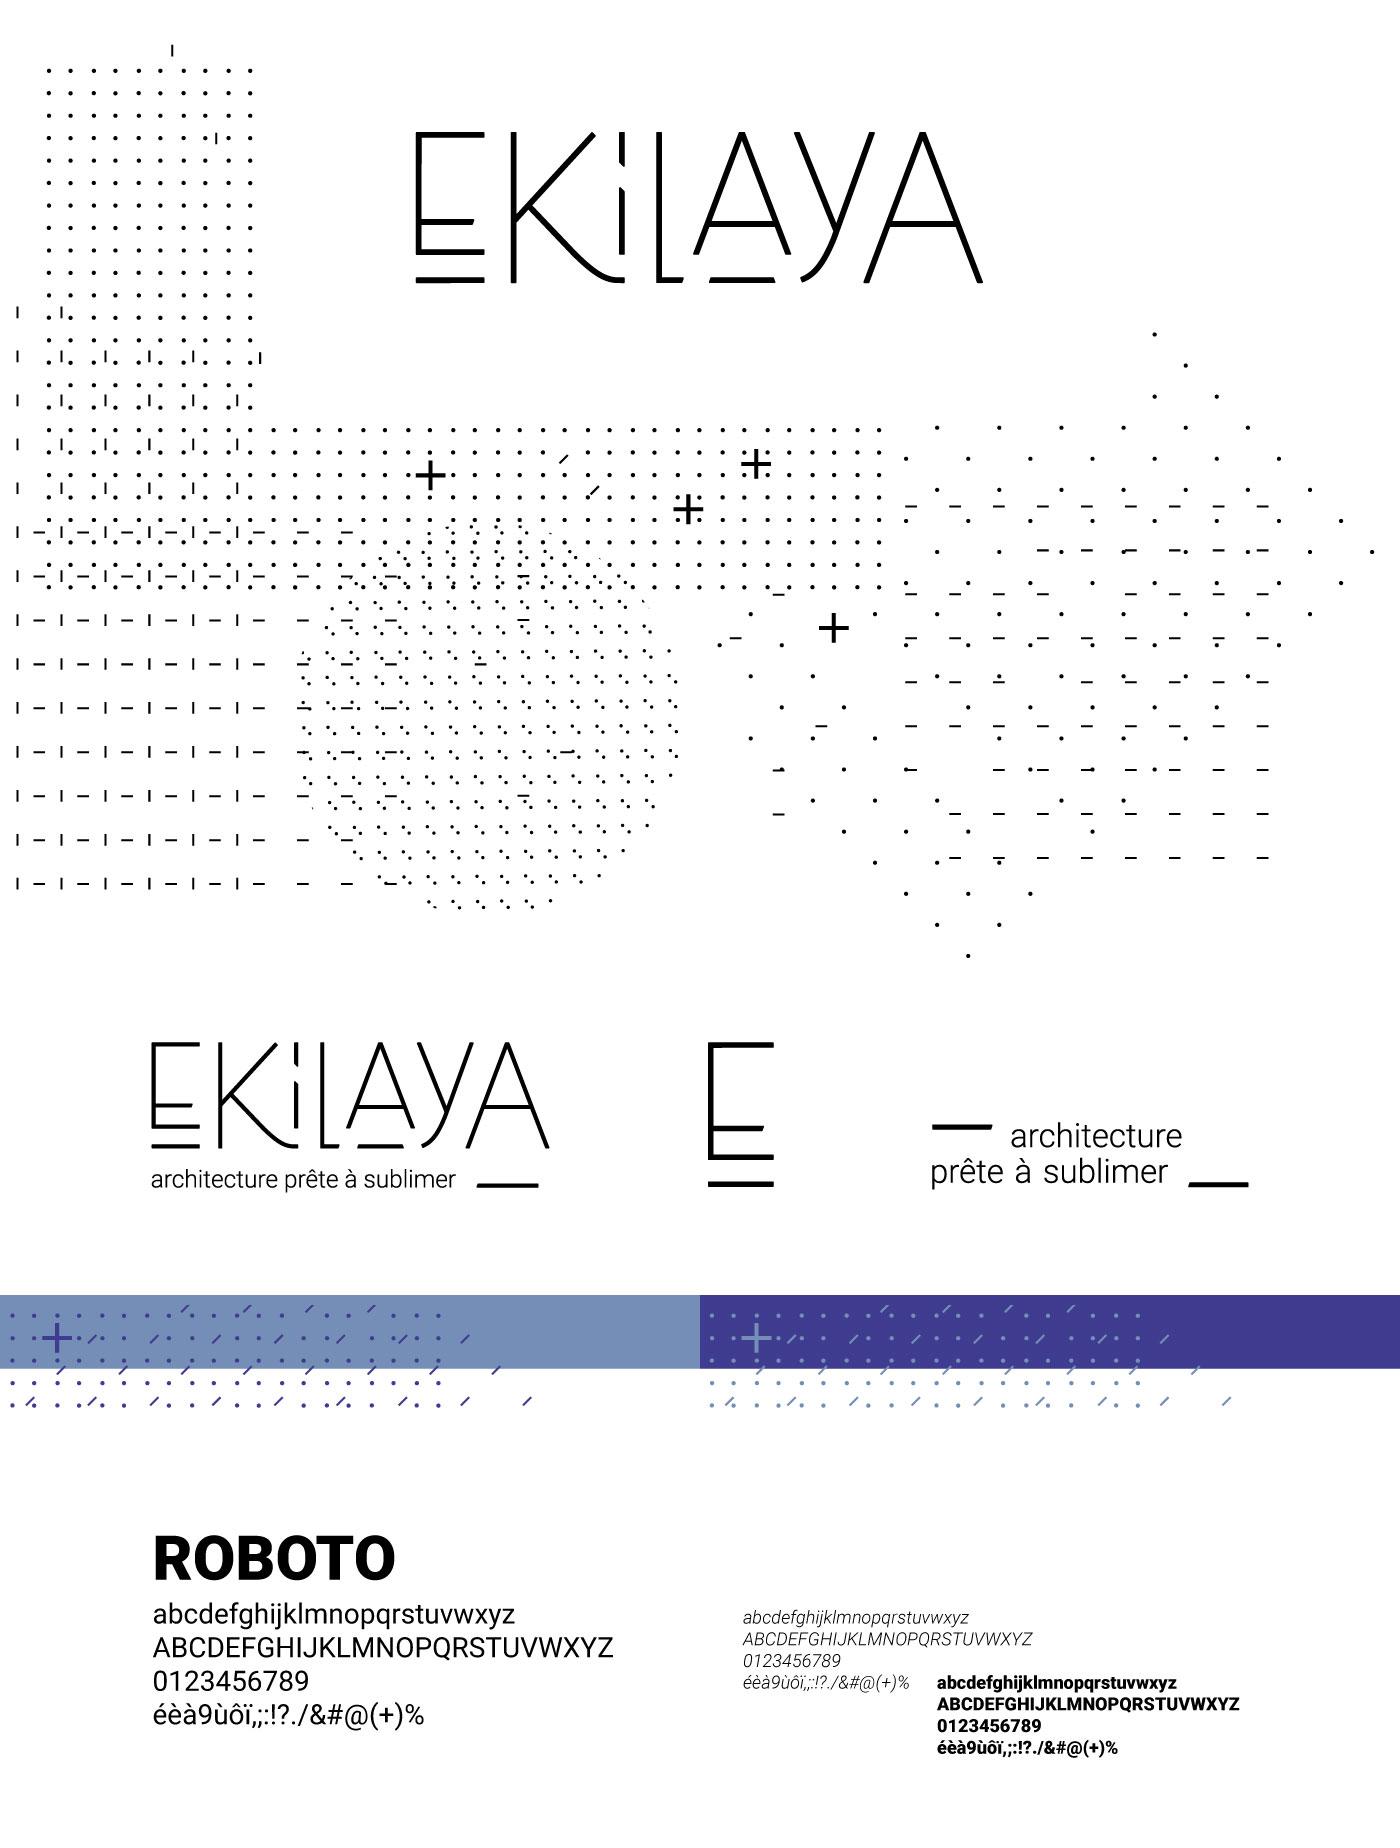 Détails du logo Ekilaya : motif, couleur et typographie